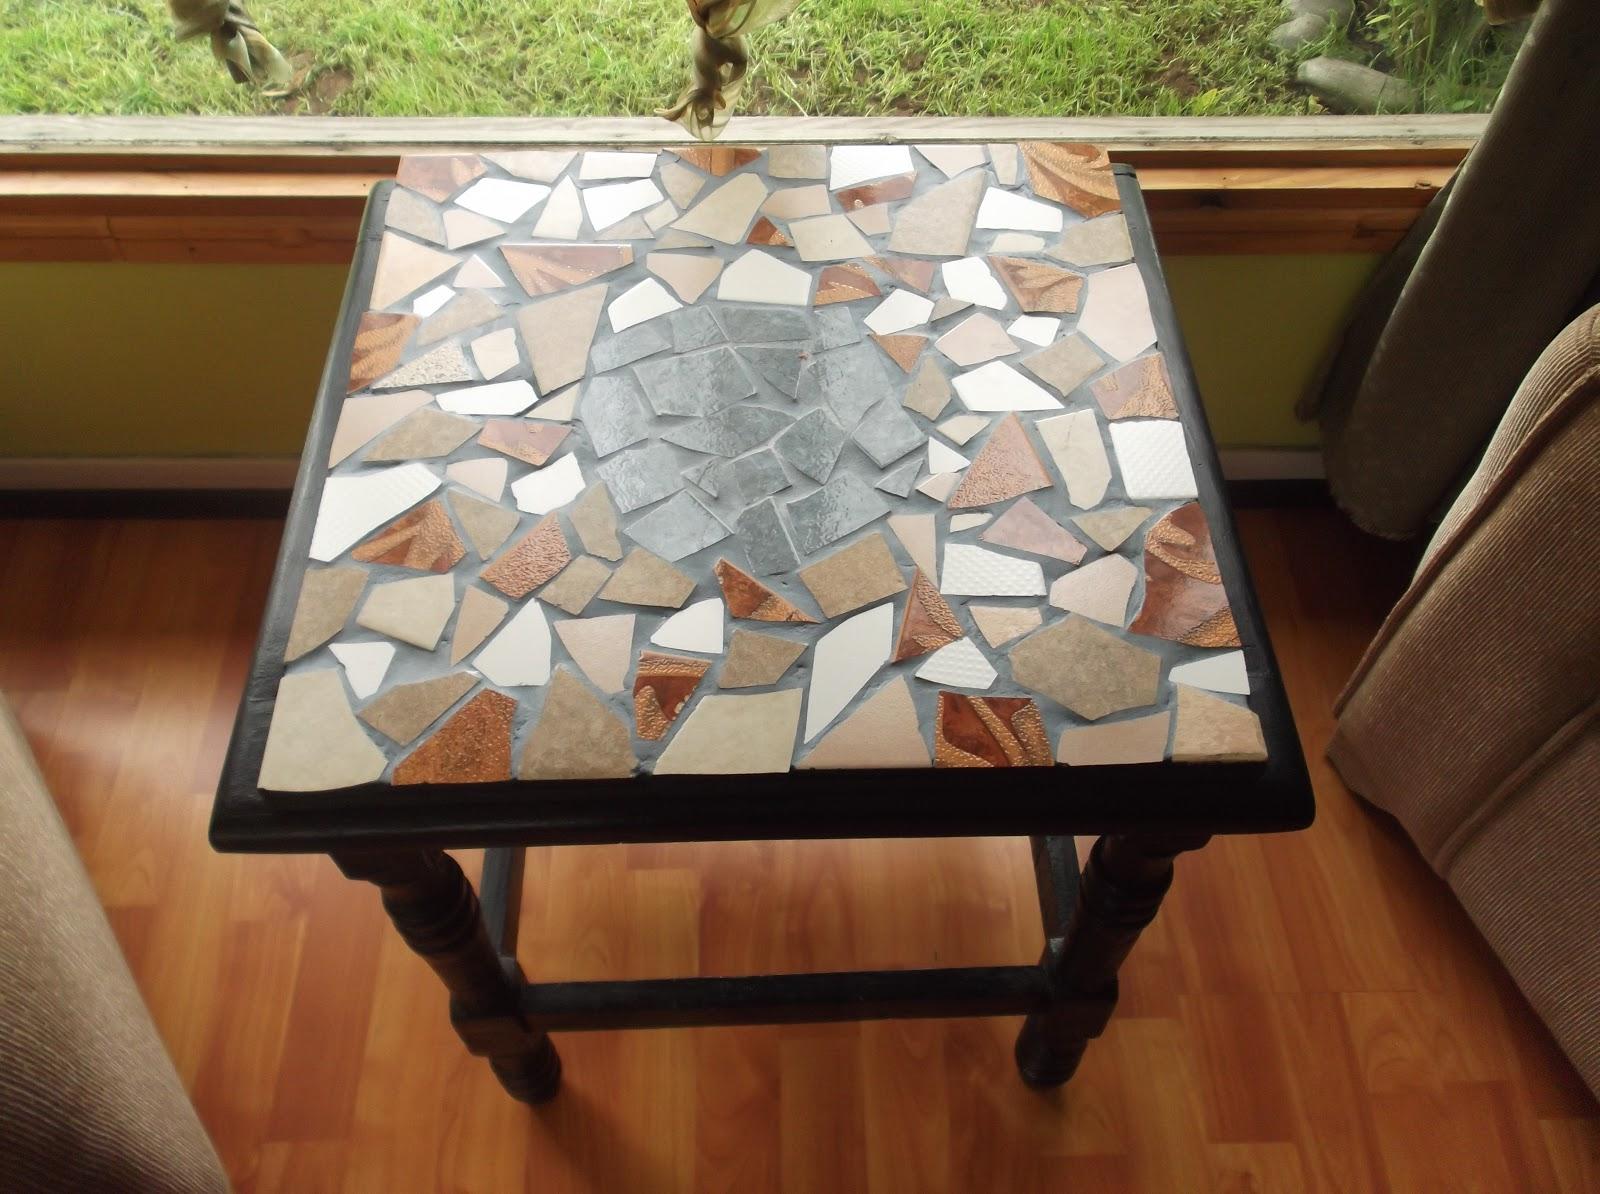 Mesas decopache decoraciones con reciclaje - Mesas con azulejos ...